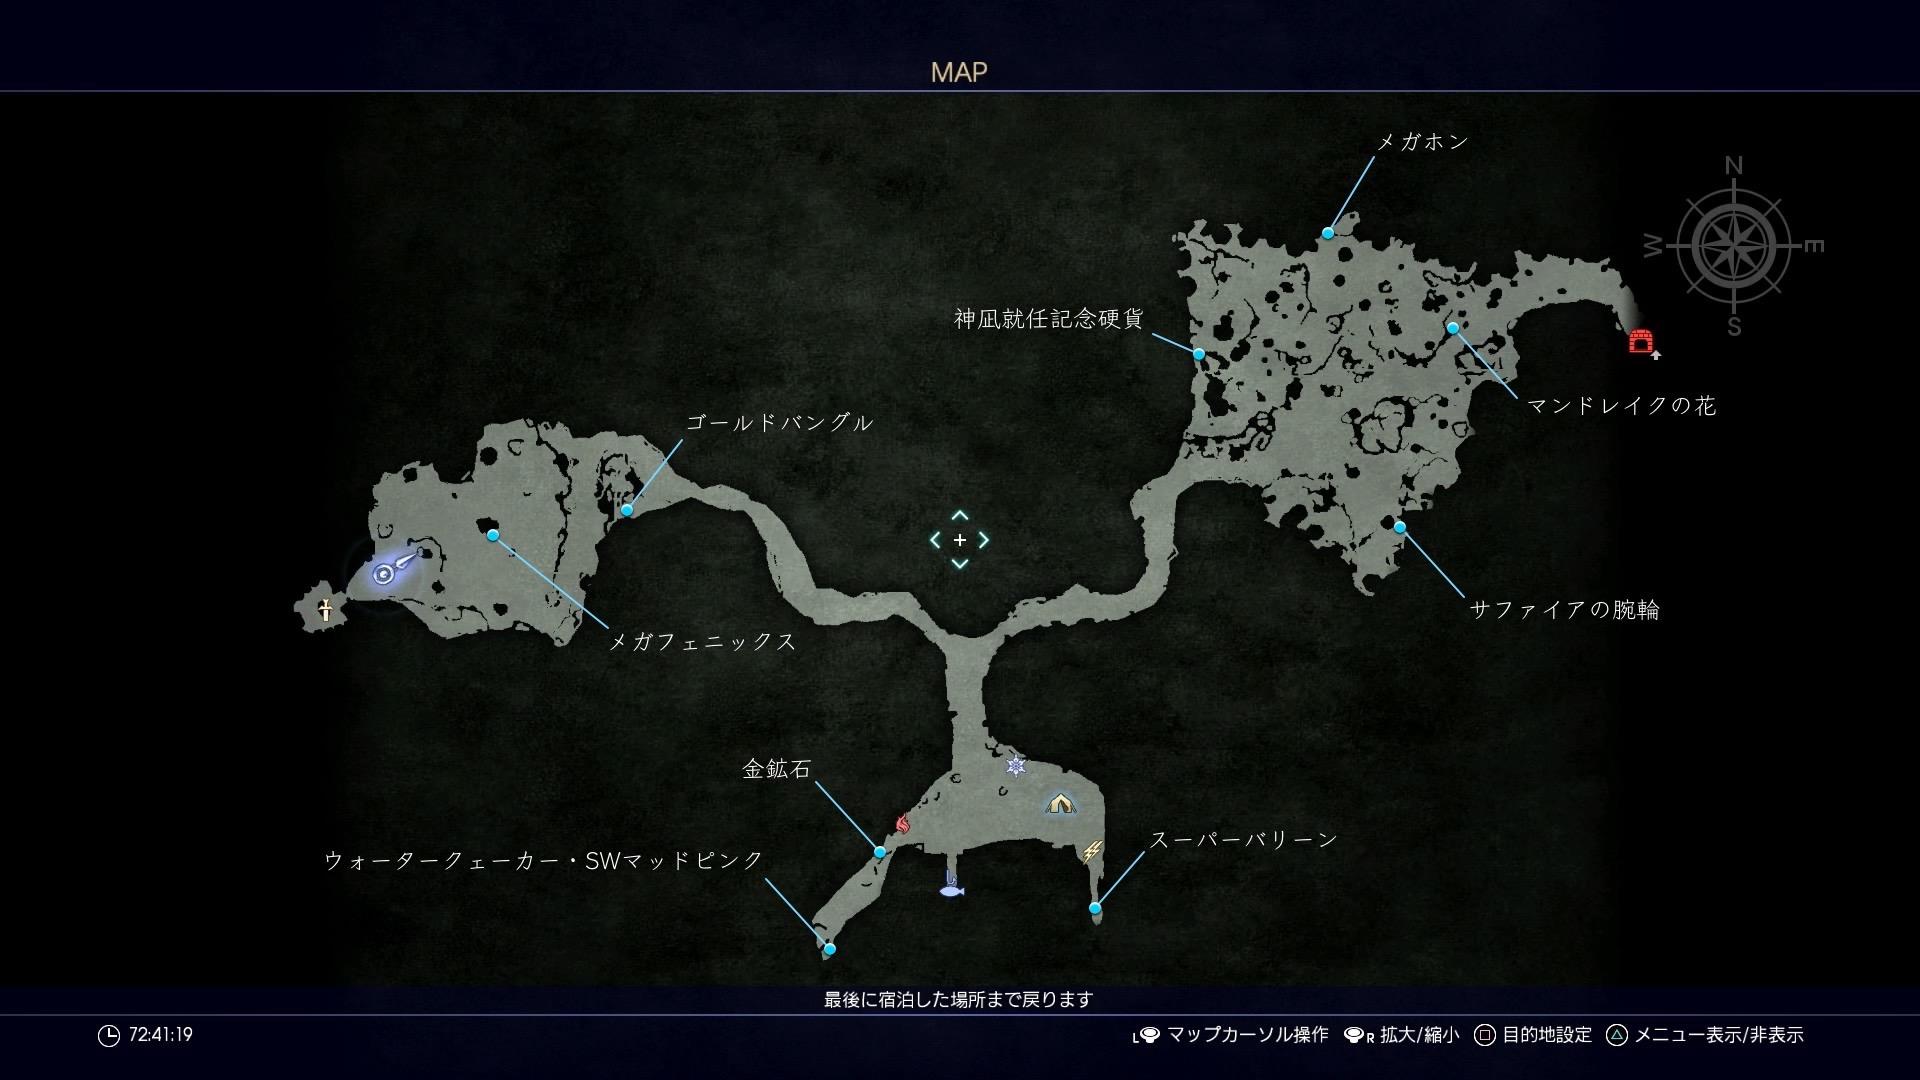 MAP・メルロの森